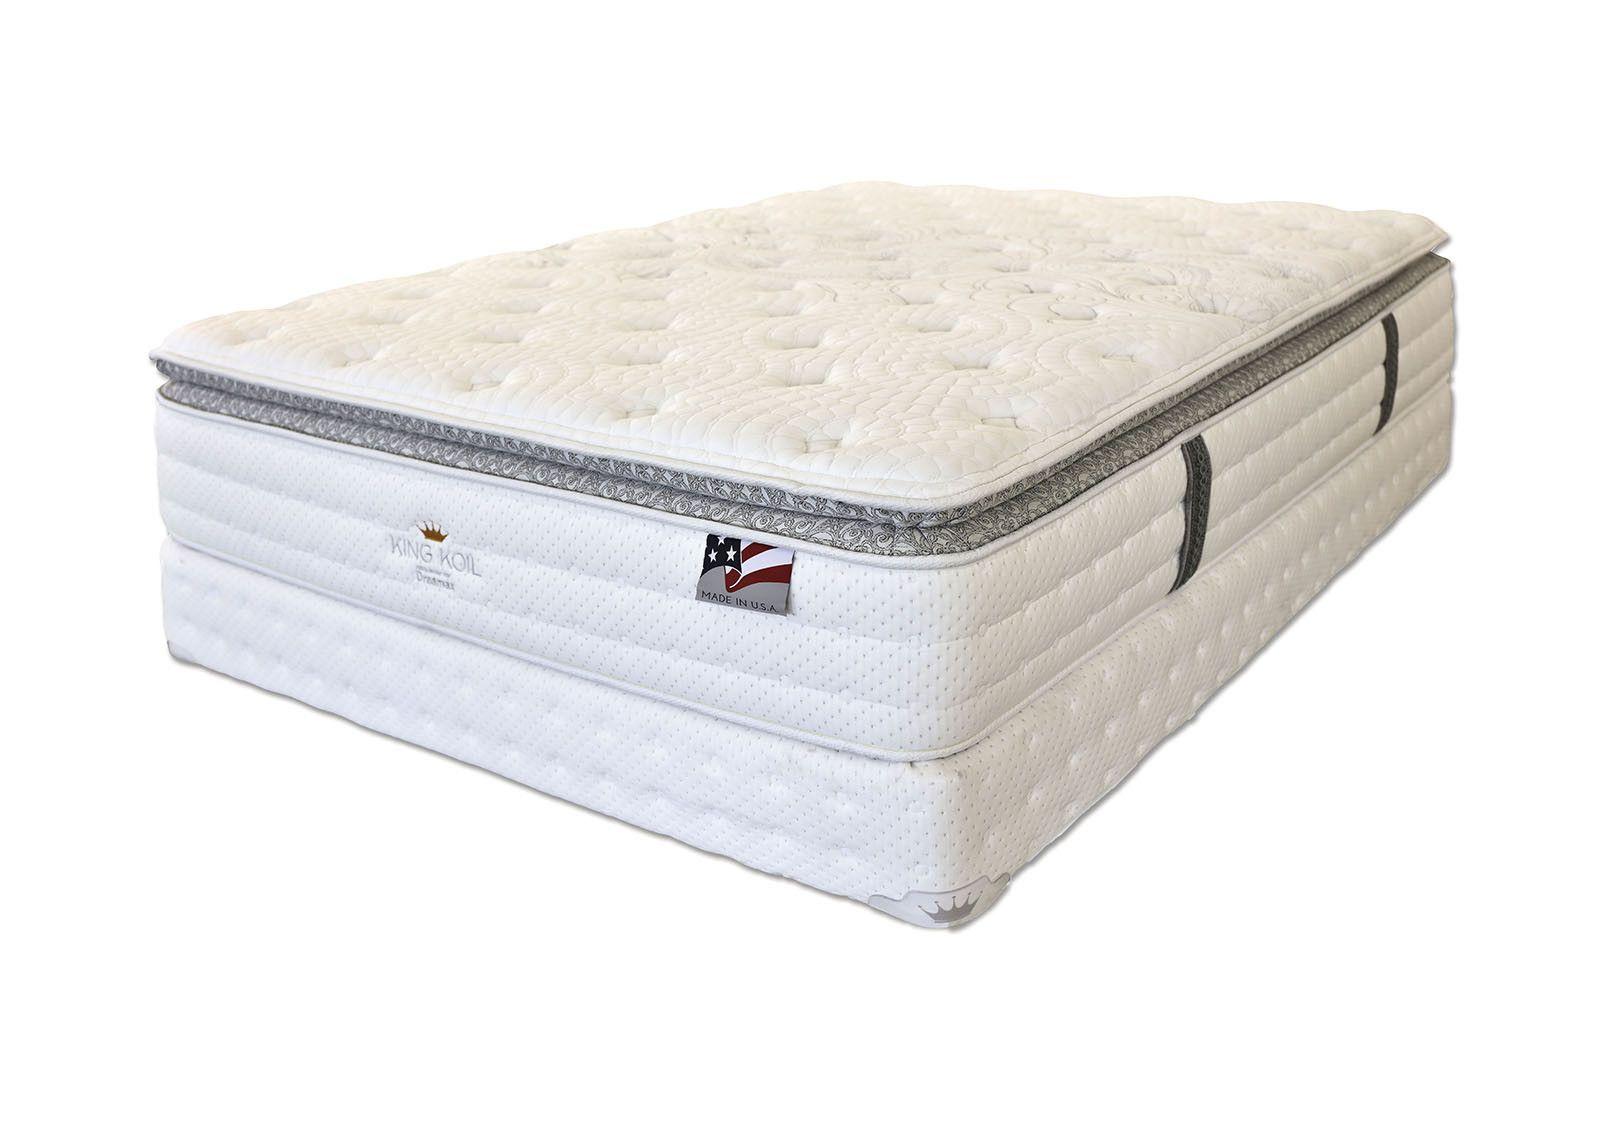 alyssum ii pillow top full size mattress pillow top mattress with gel memory foam